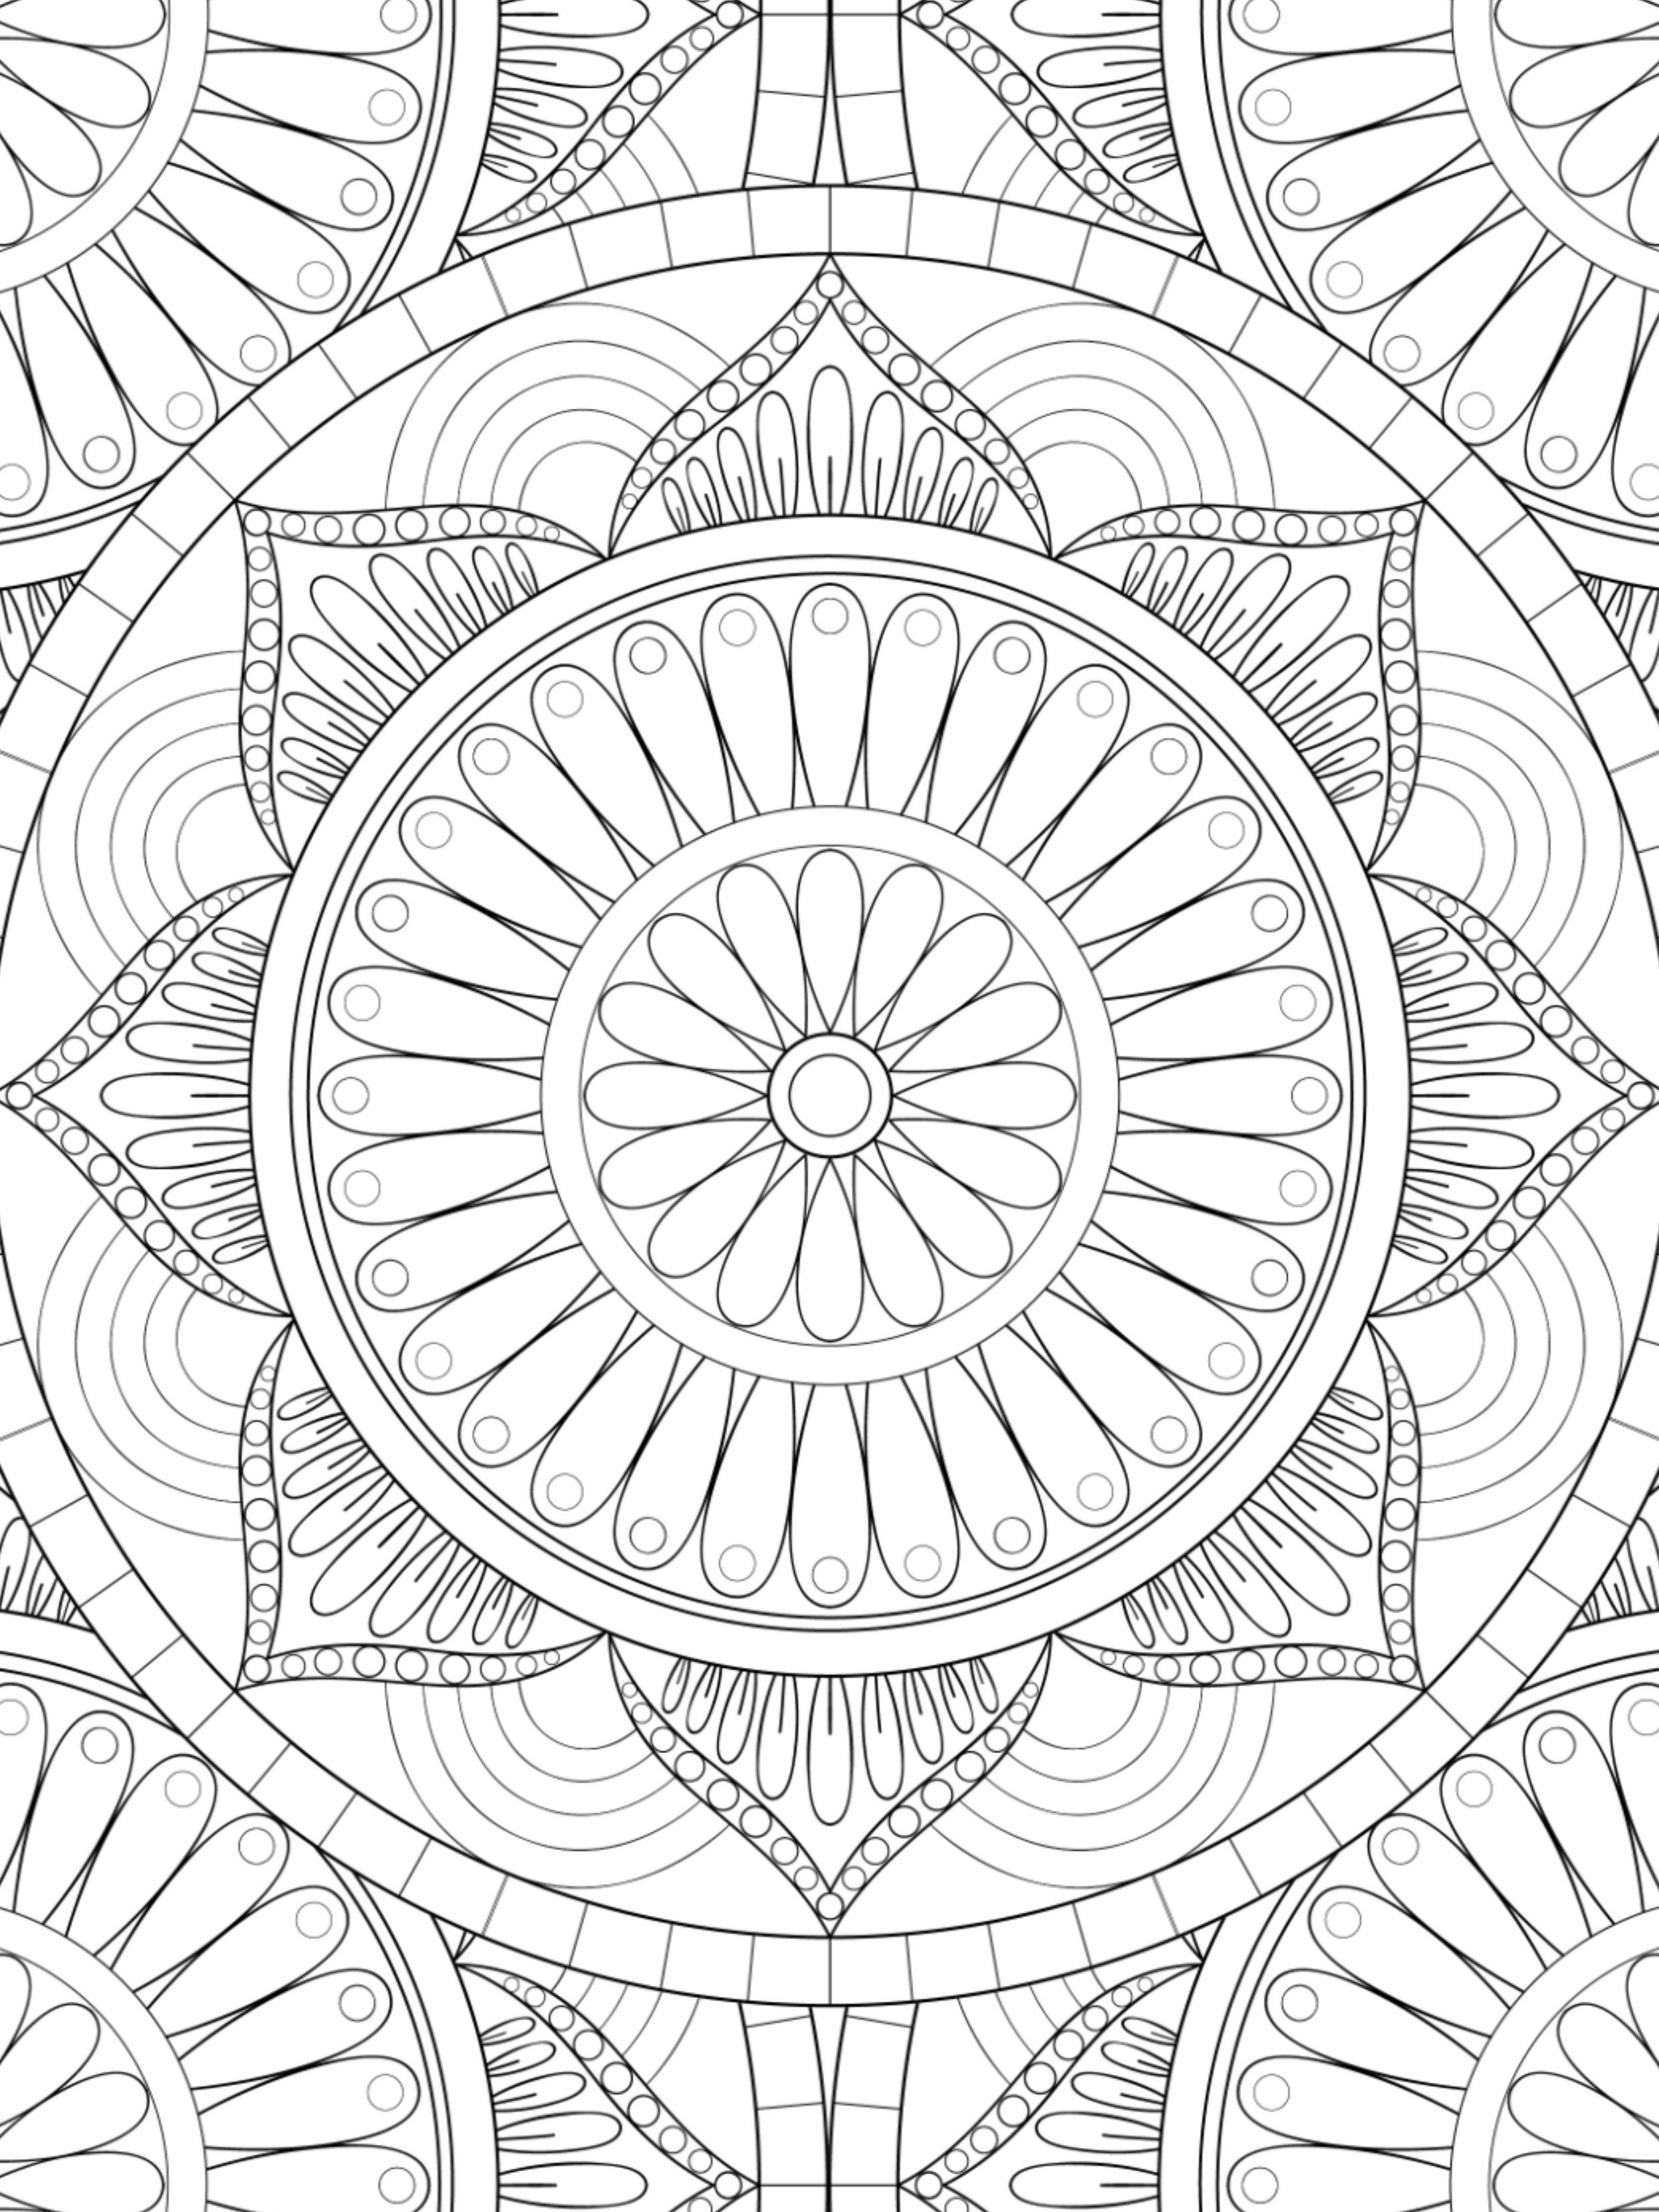 1001 Coole Mandalas Zum Ausdrucken Und Ausmalen Mandalas Zum Ausdrucken Ausmalbilder Zum Ausdrucken Mandalas Zum Ausmalen